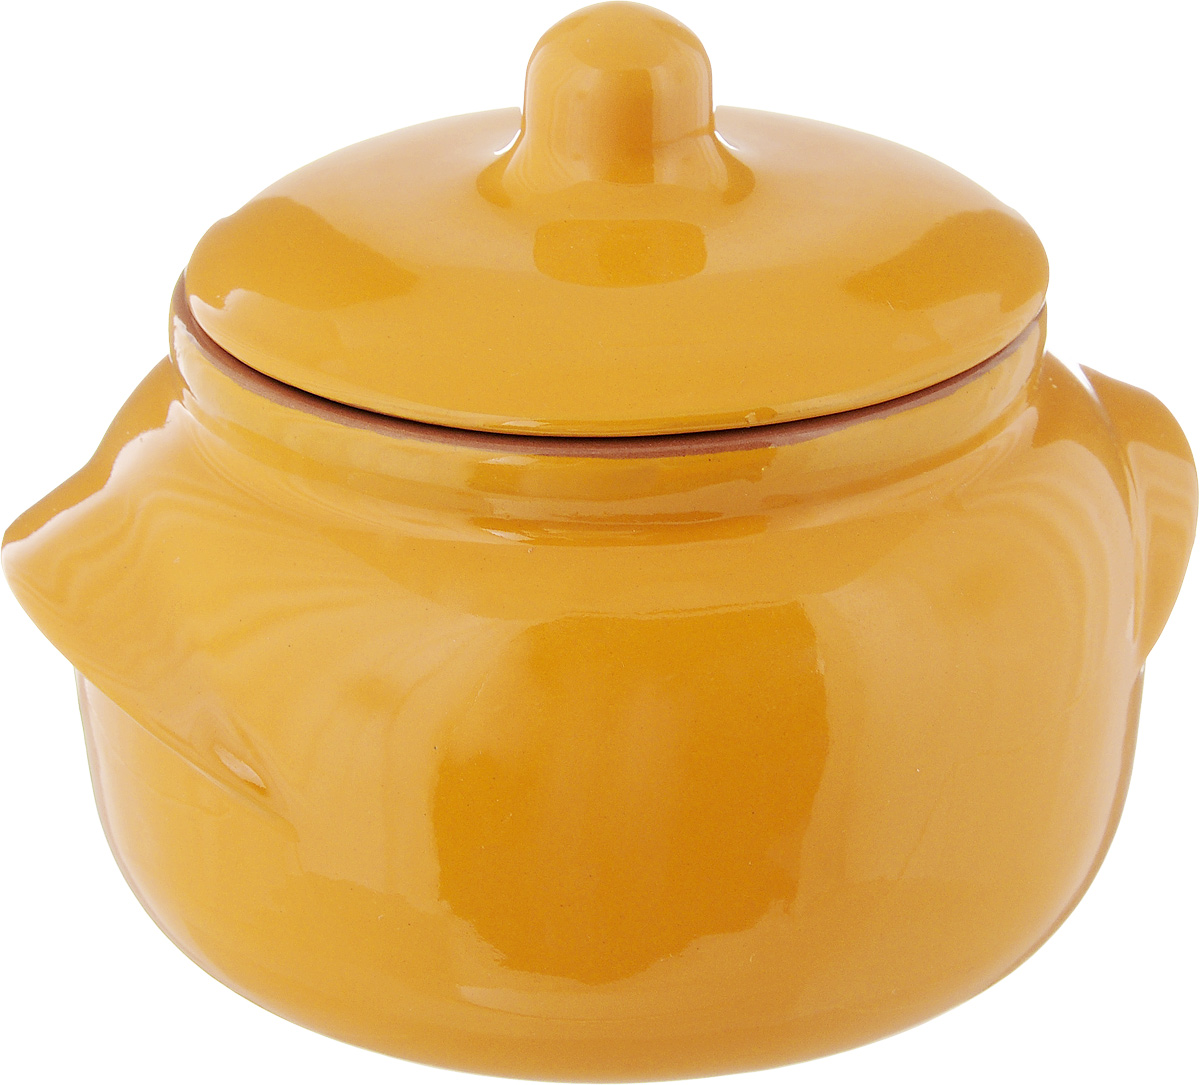 Горшочек для запекания Борисовская керамика Новарусса, цвет: желтый, 500 млРАД14457746_желтыйГоршочек для запекания Борисовская керамика Новарусса выполнен из высококачественной глины. Уникальные свойства красной глины и толстые стенки изделия обеспечивают эффект русской печи при приготовлении блюд. Блюда, приготовленные в таком горшочке, получаются нежными исочными. Вы сможете приготовить мясо, сделать томленые овощи и все это без капли масла. Этоодин из самых здоровых способов готовки. Диаметр горшка (по верхнему краю): 10 см. Высота стенок: 8 см.